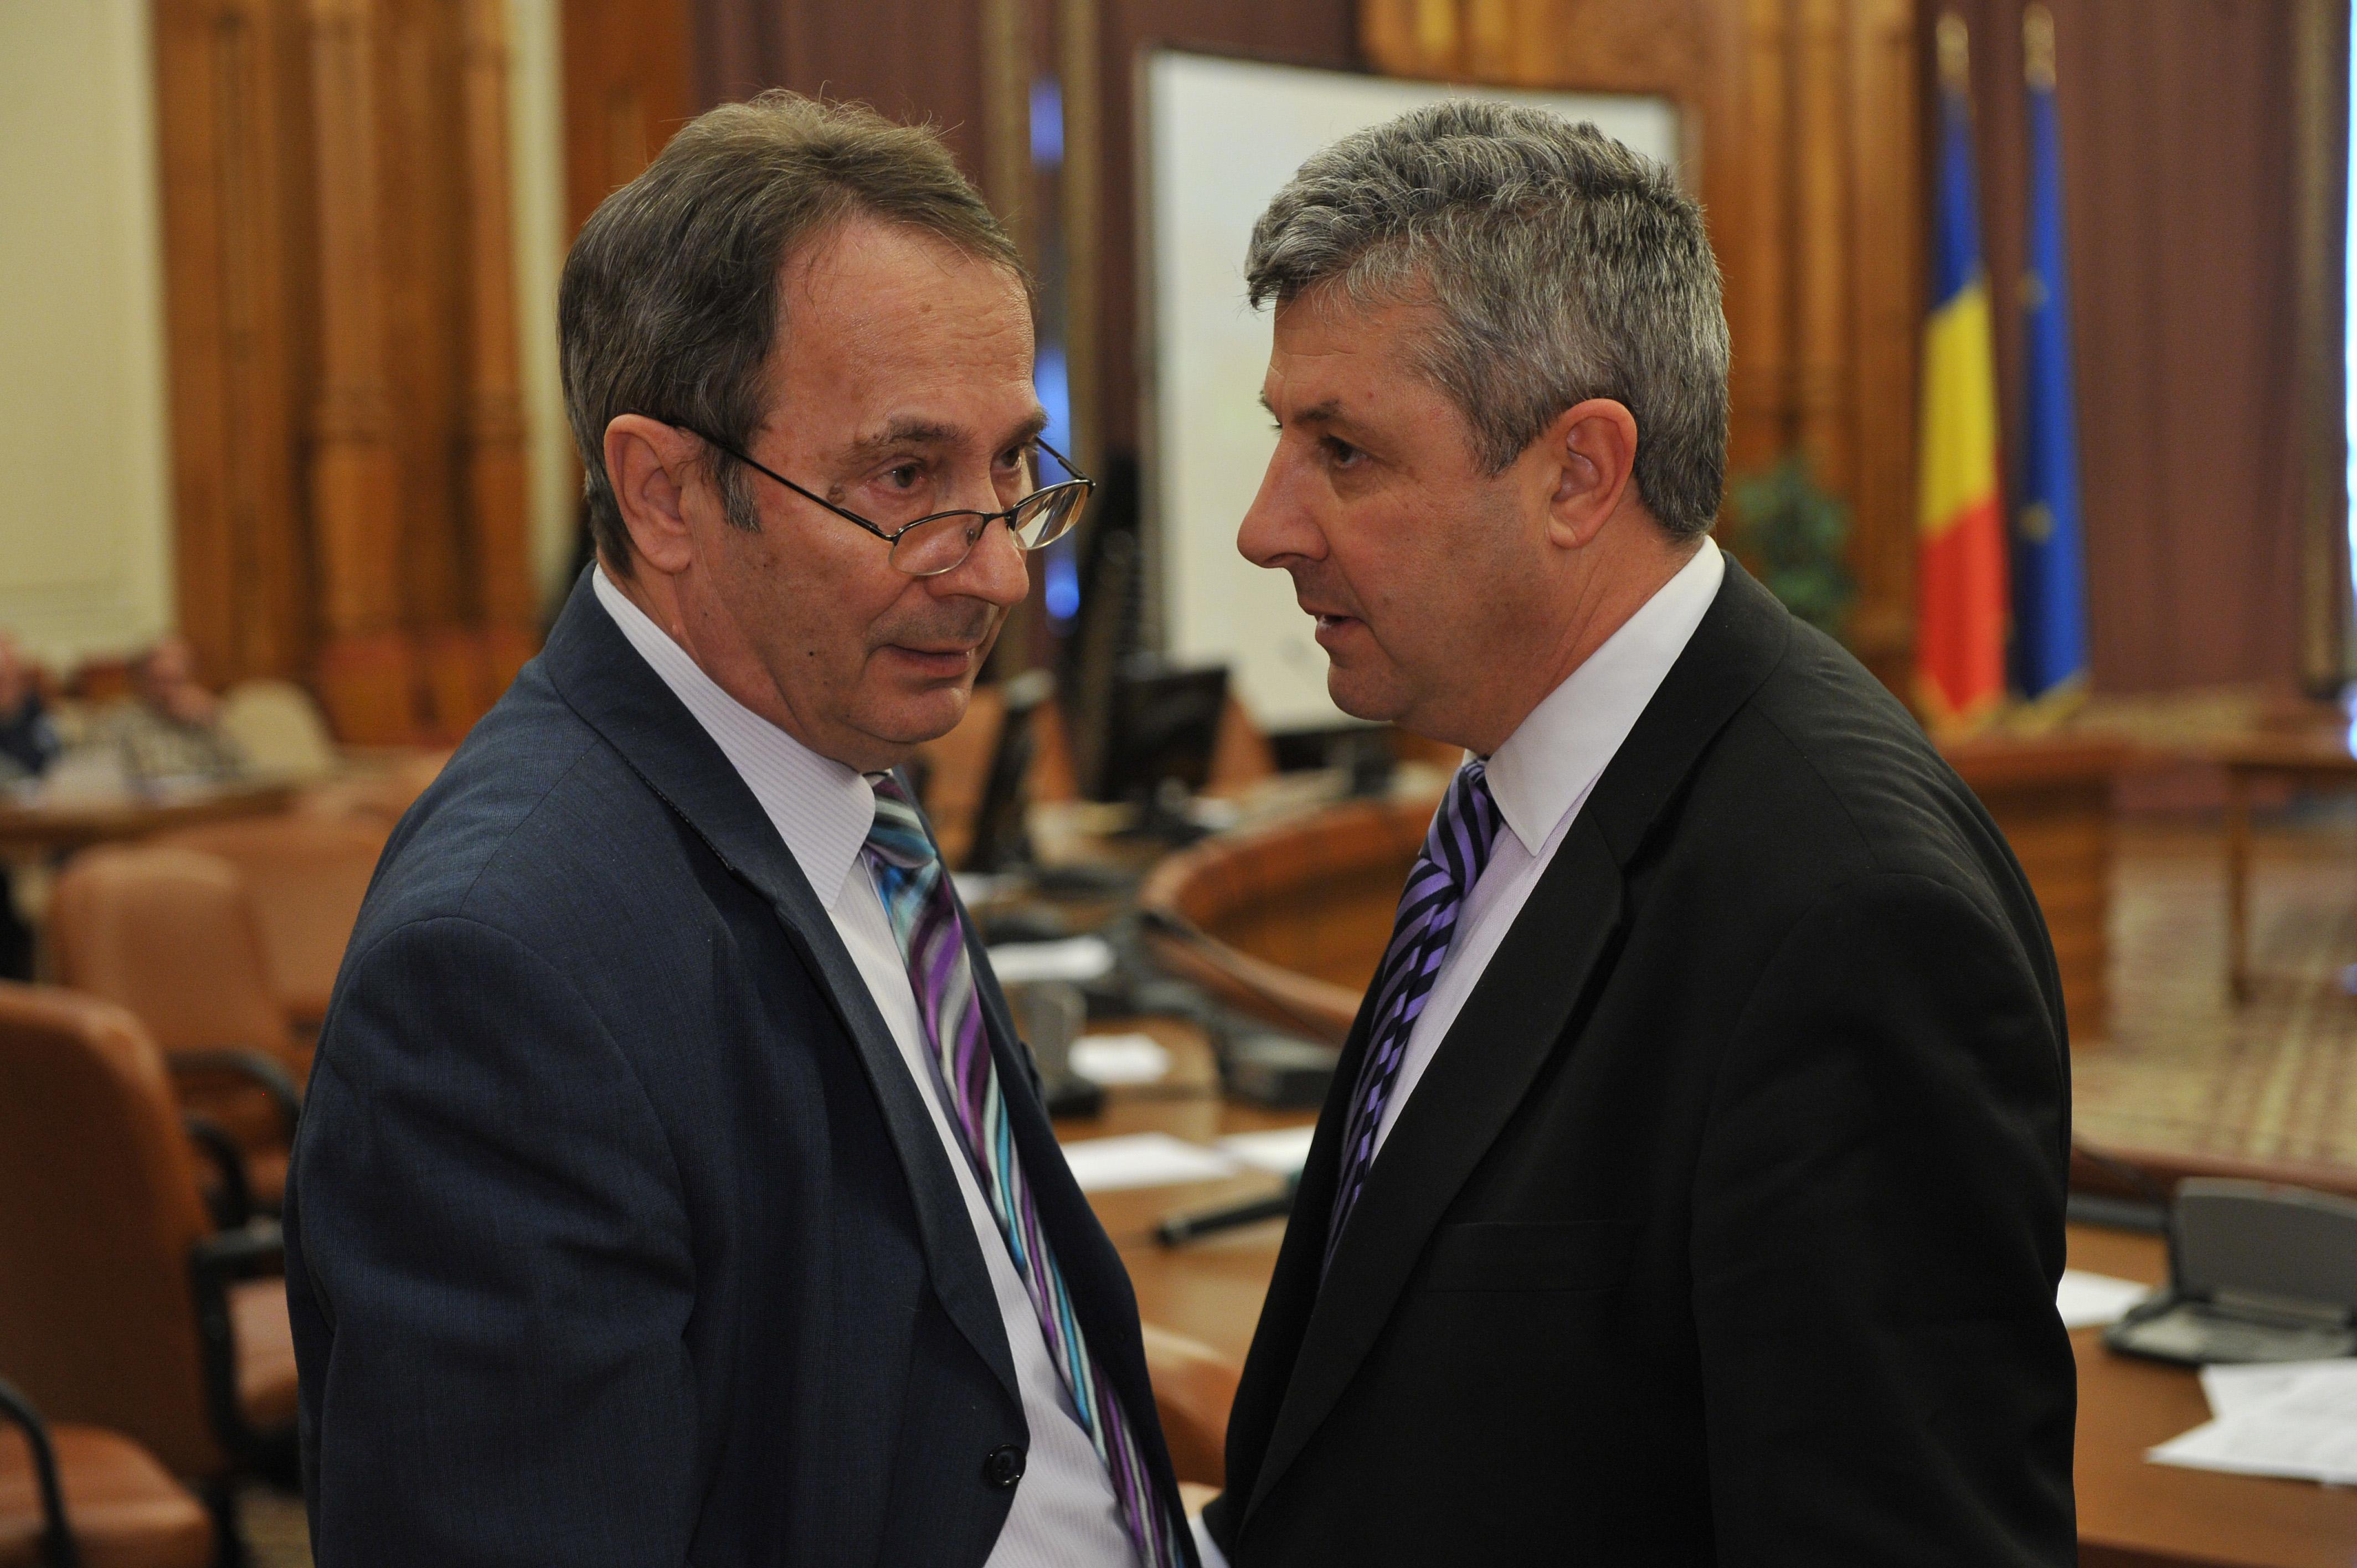 Ce legatura are scandalul urias de la CCR pe codurile penale cu iesirea PSD de la guvernare